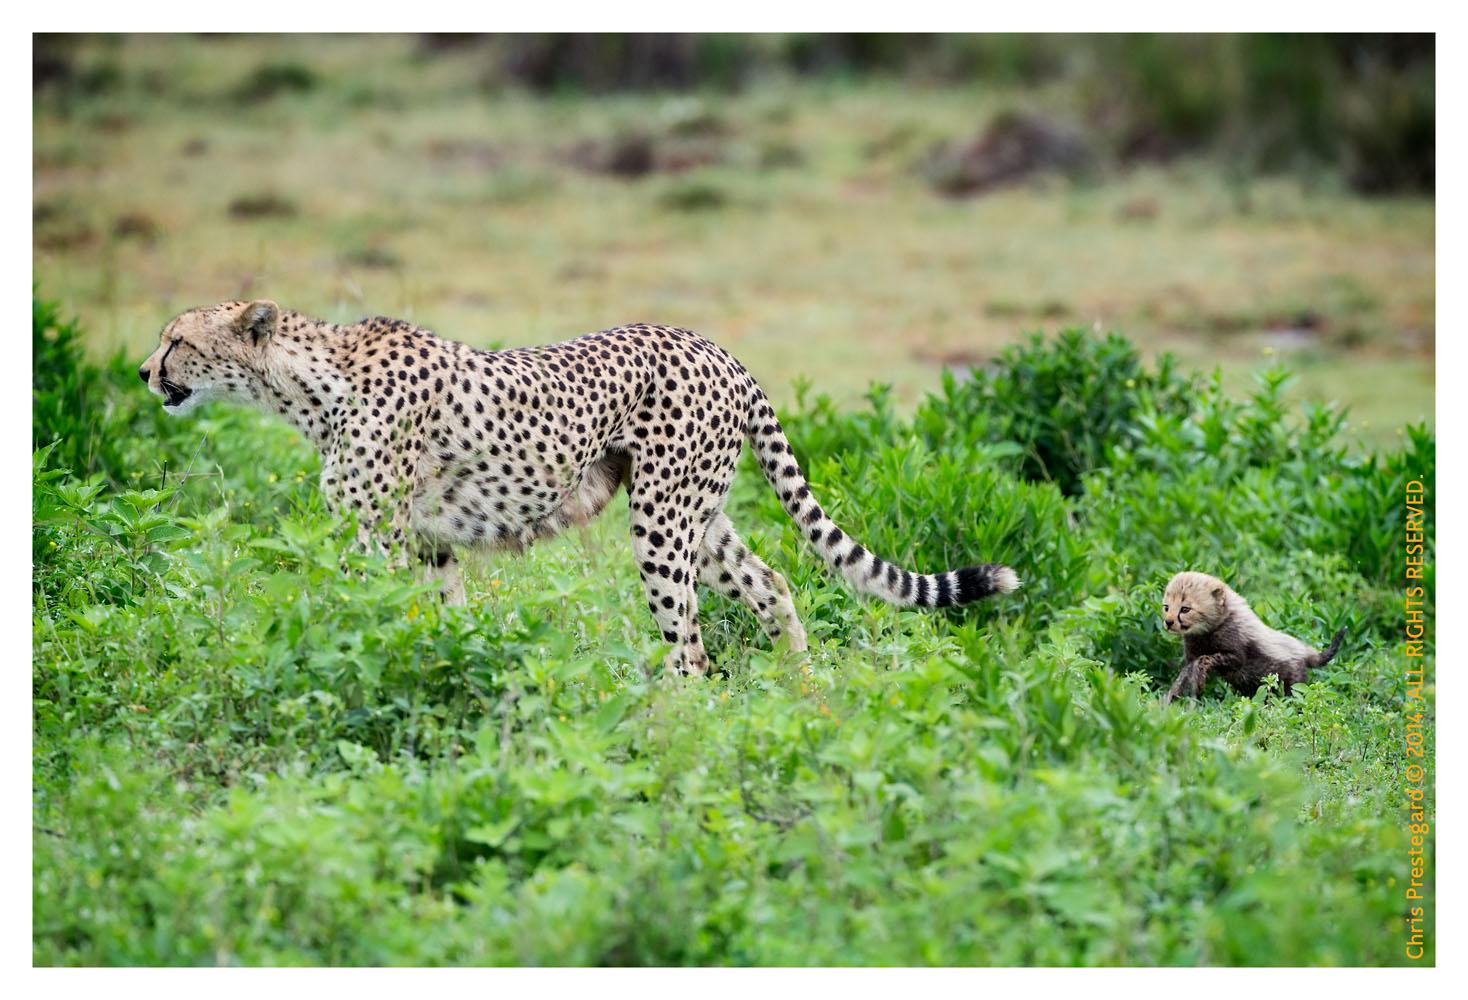 CheetahCub8494-Apr22-2014